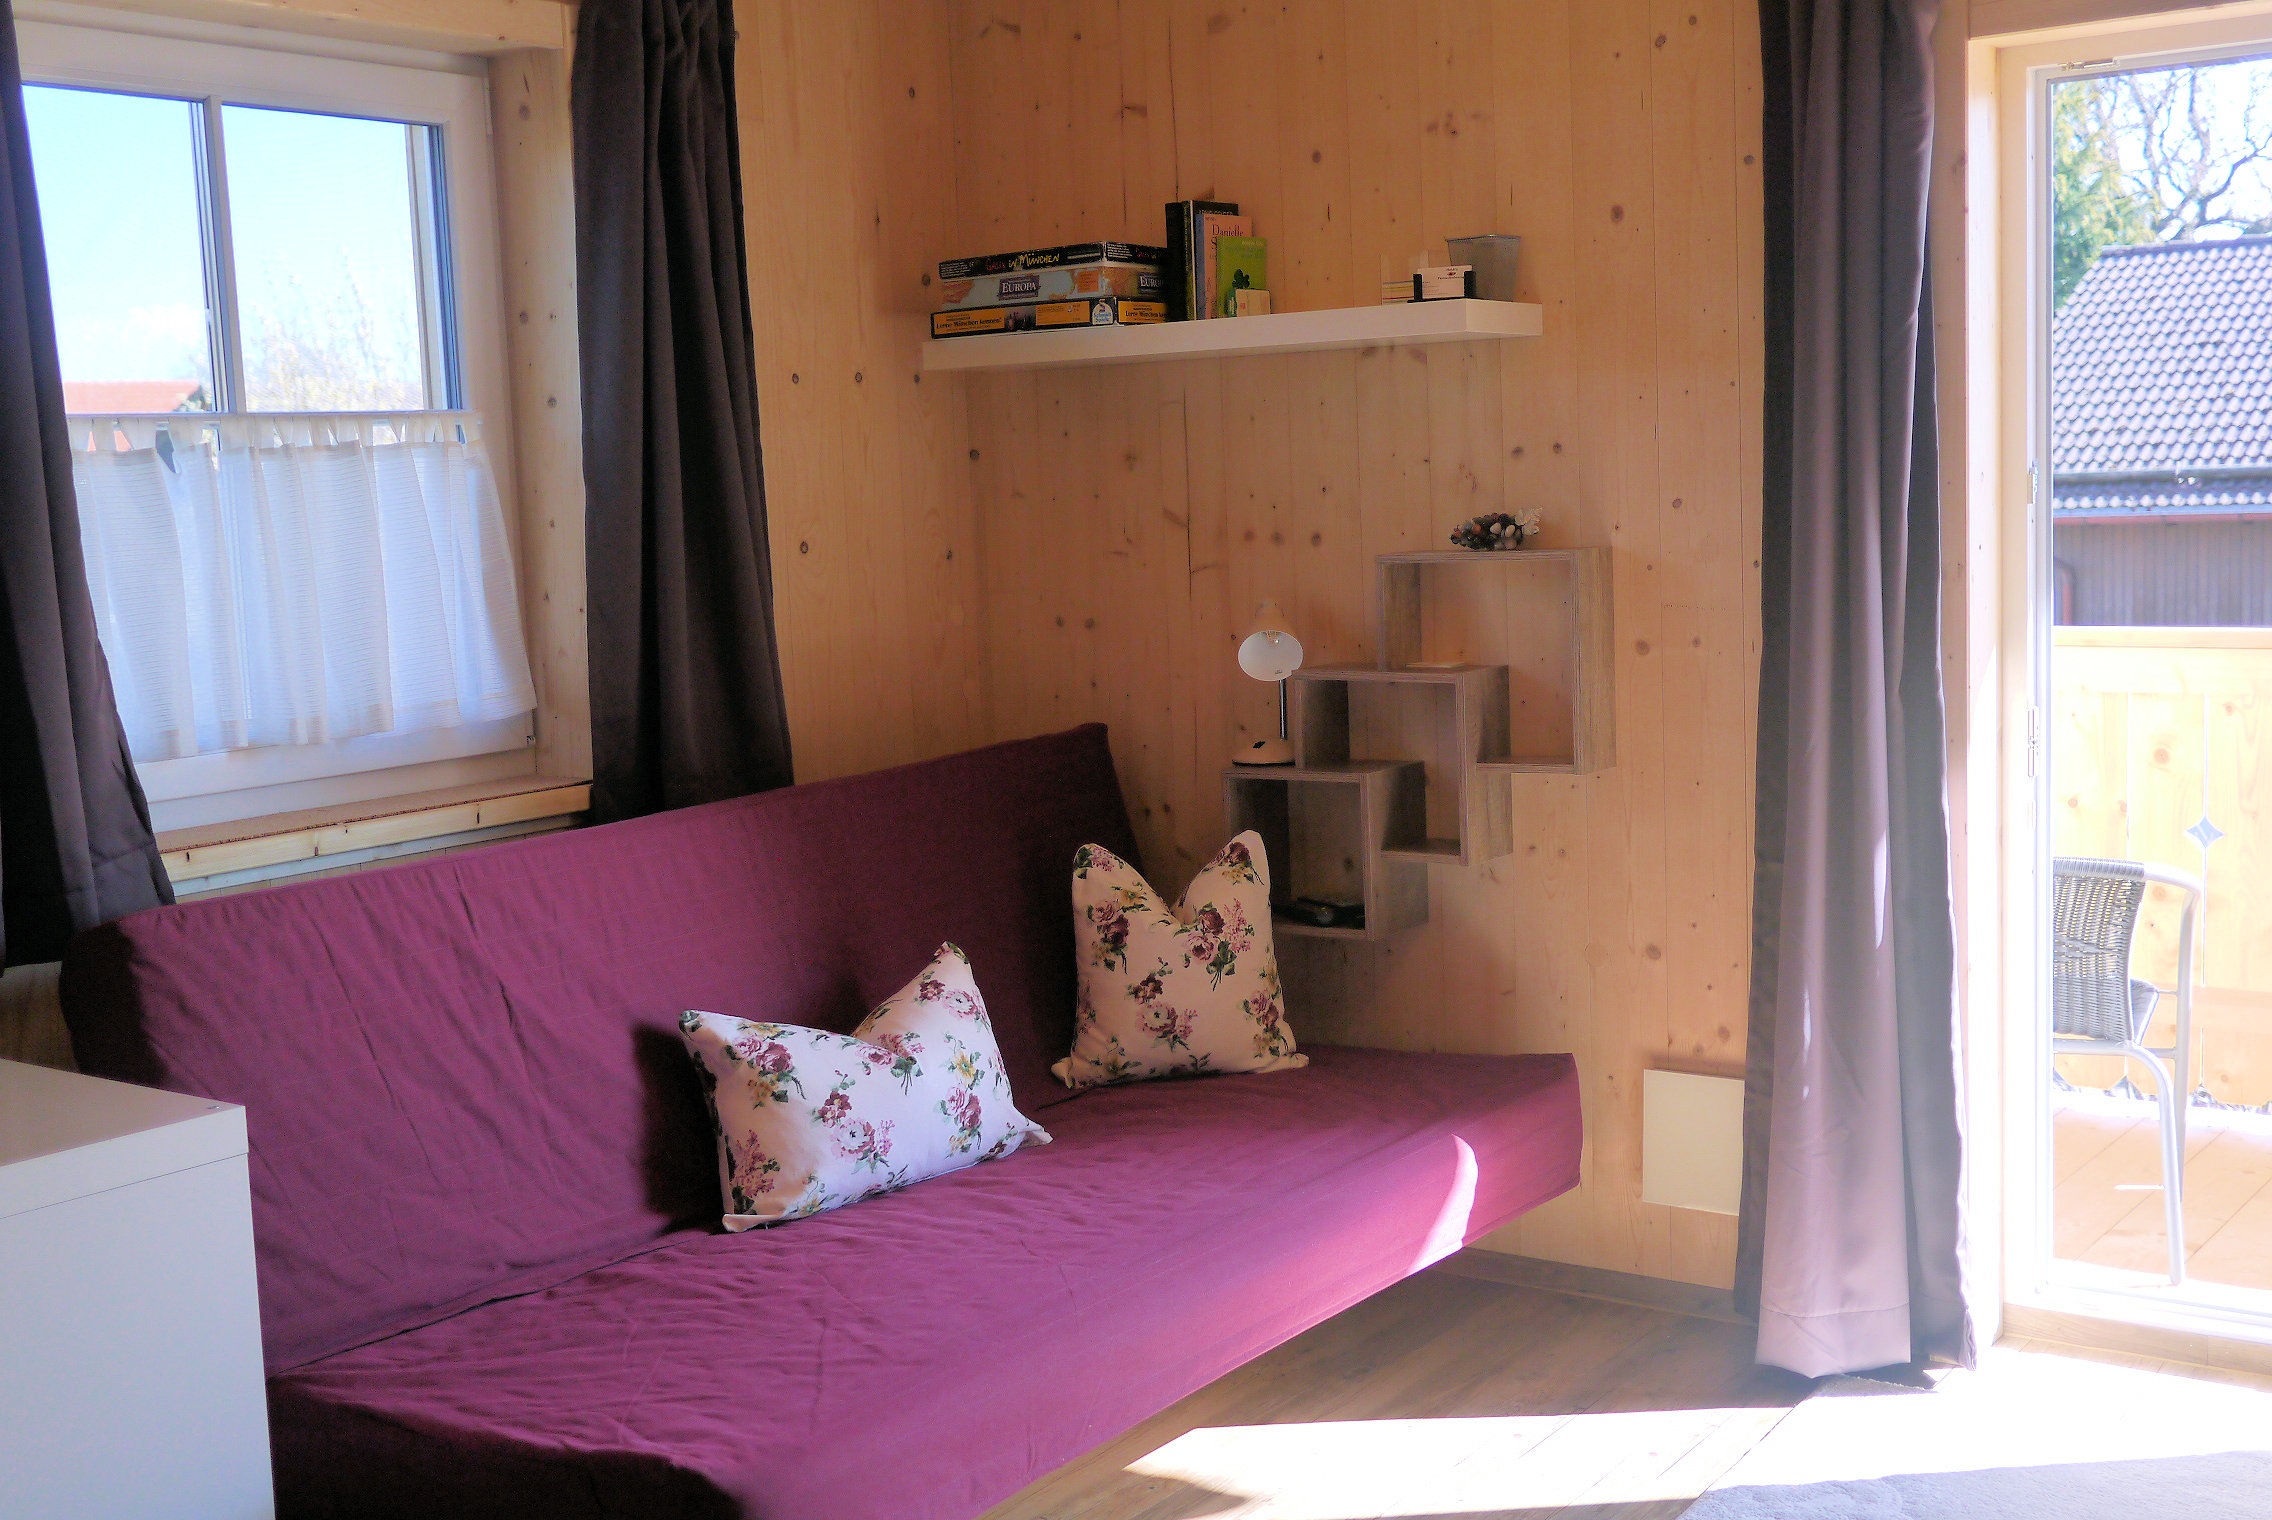 Apt. 2 Das Wohnzimmer grenzt an die Küche an.